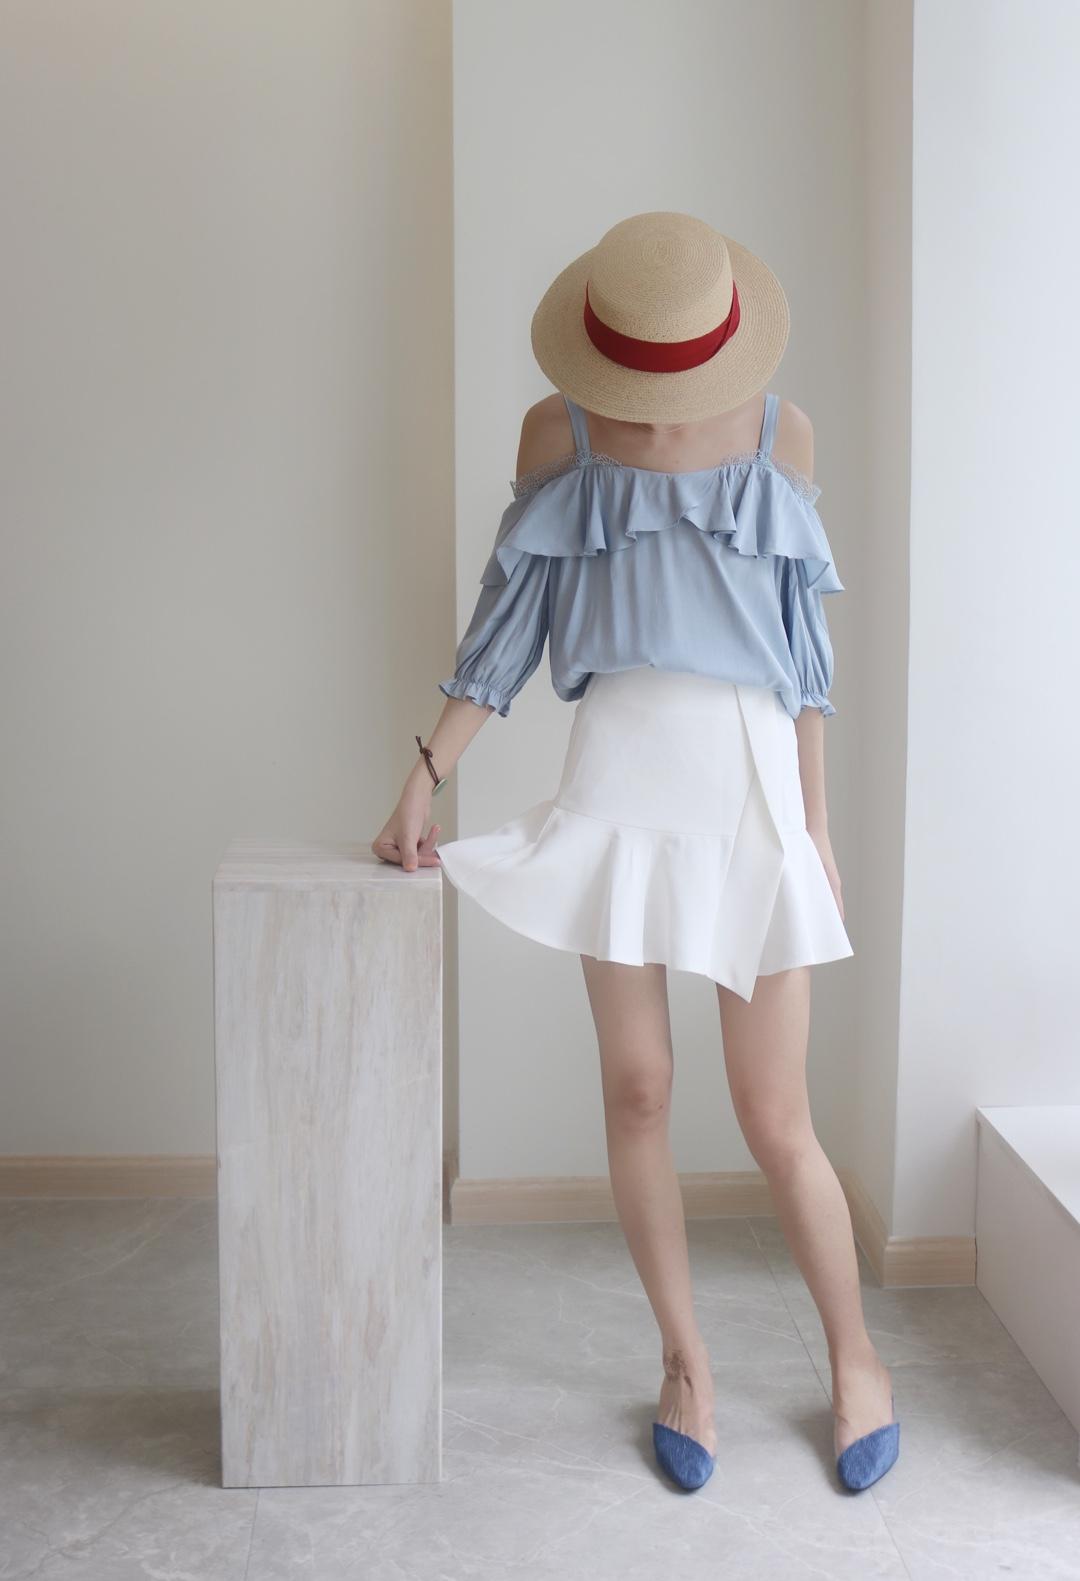 #夏日显白穿搭最全攻略# 这双鞋隔壁有pvc元素 隐形了 哈哈哈 所以鞋子不会掉 同时视觉延长双腿 🔥 短裙也是显腿长的 微微的裙摆 增添女人味🌹 还有荷叶边的吊带上衣 小仙女的单品哦💫